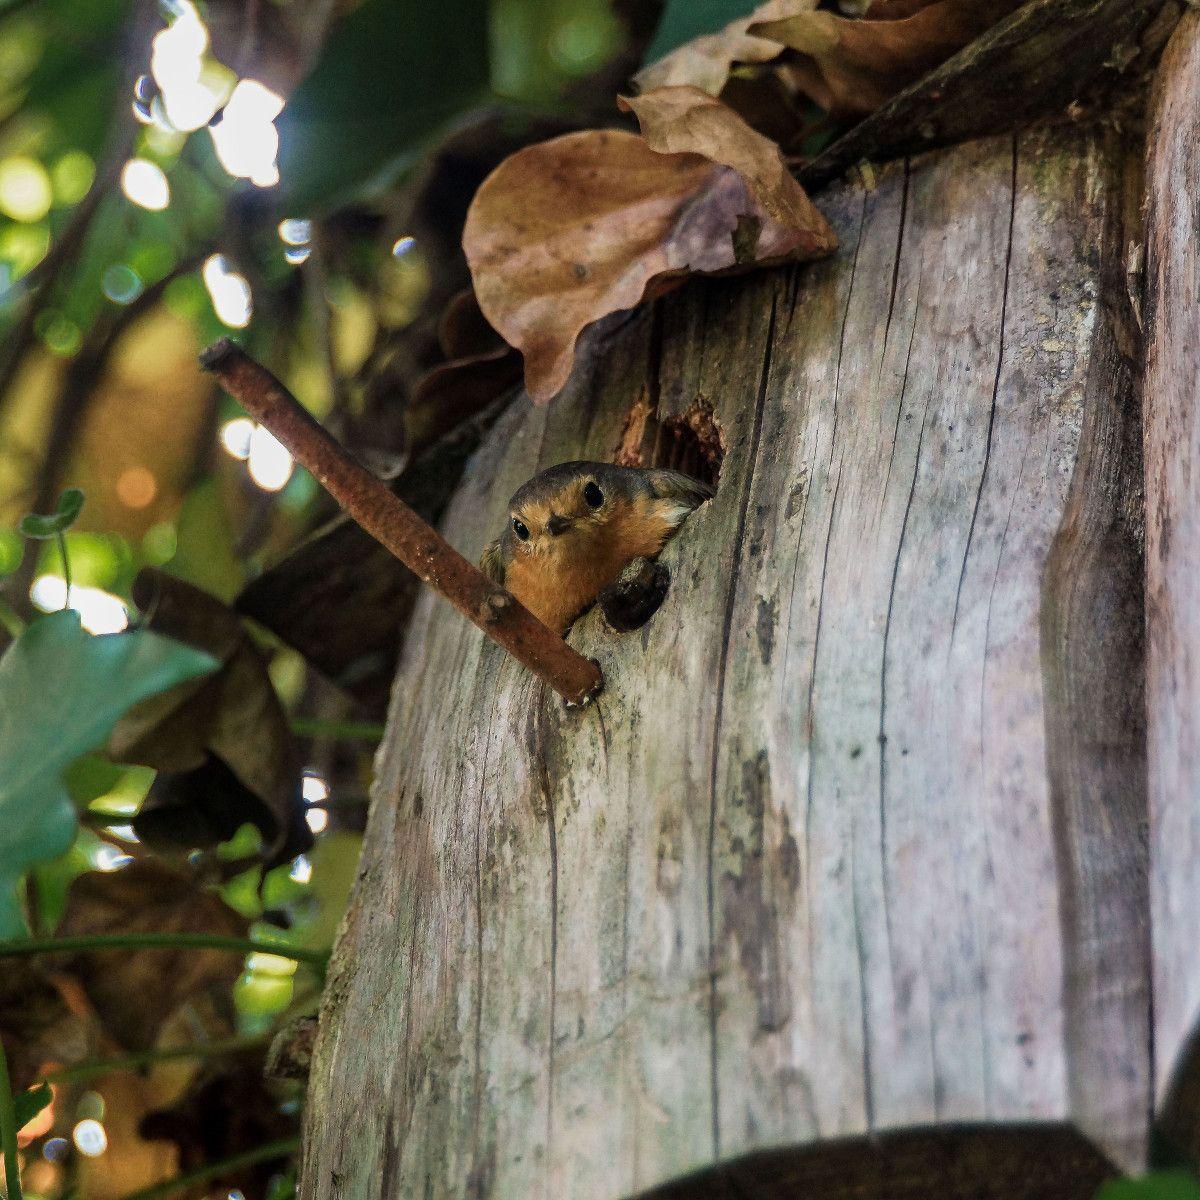 Vogelbeobachtung Rotkehlchen Karin Urban Naturalstyle Vogelbeobachtung Rotkehlchen Vogelhauschen